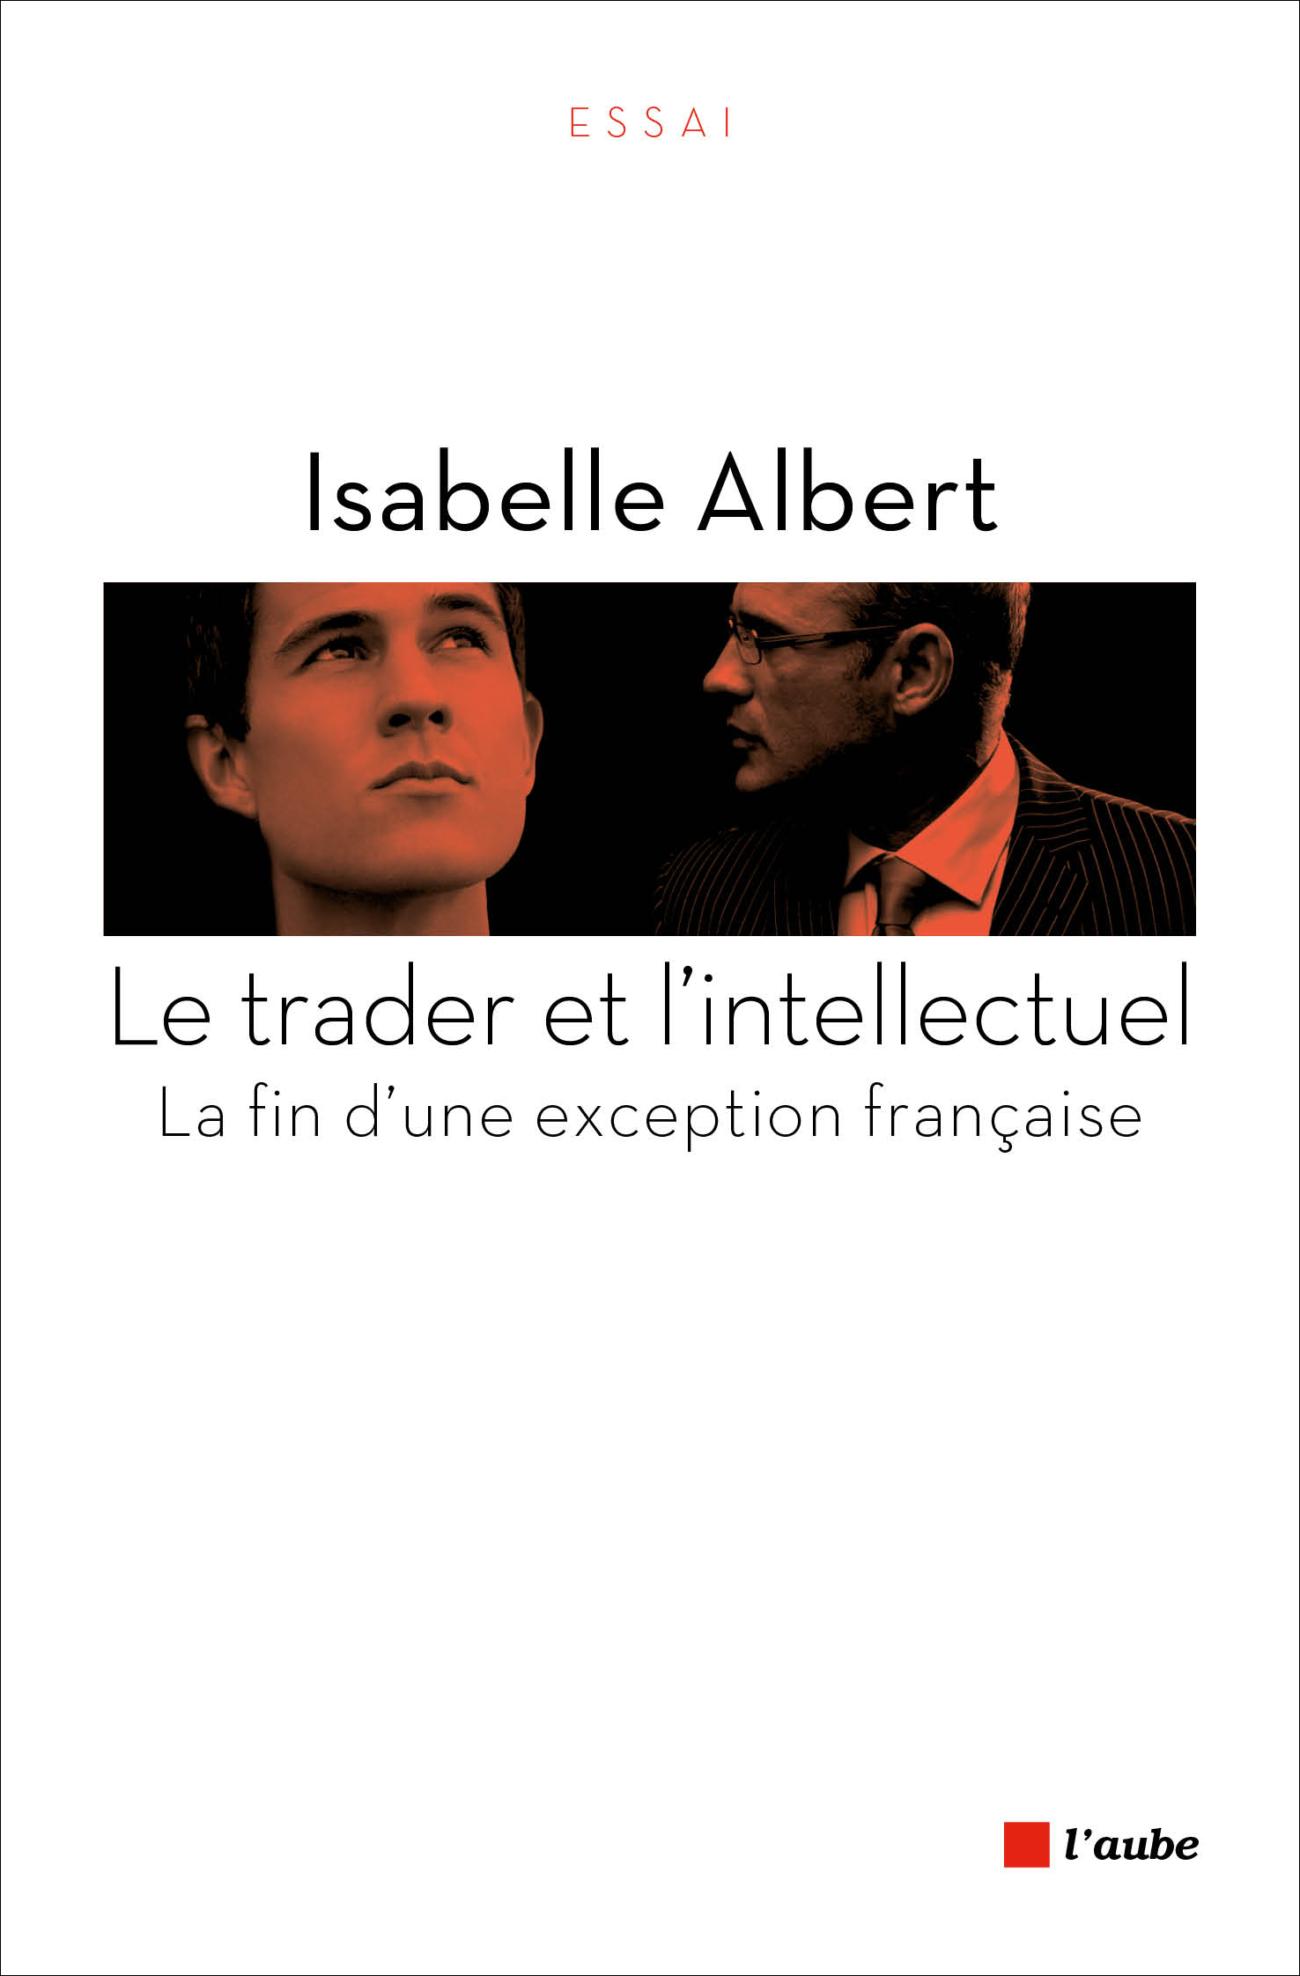 Le trader et l'intellectuel. La fin d'une exception française